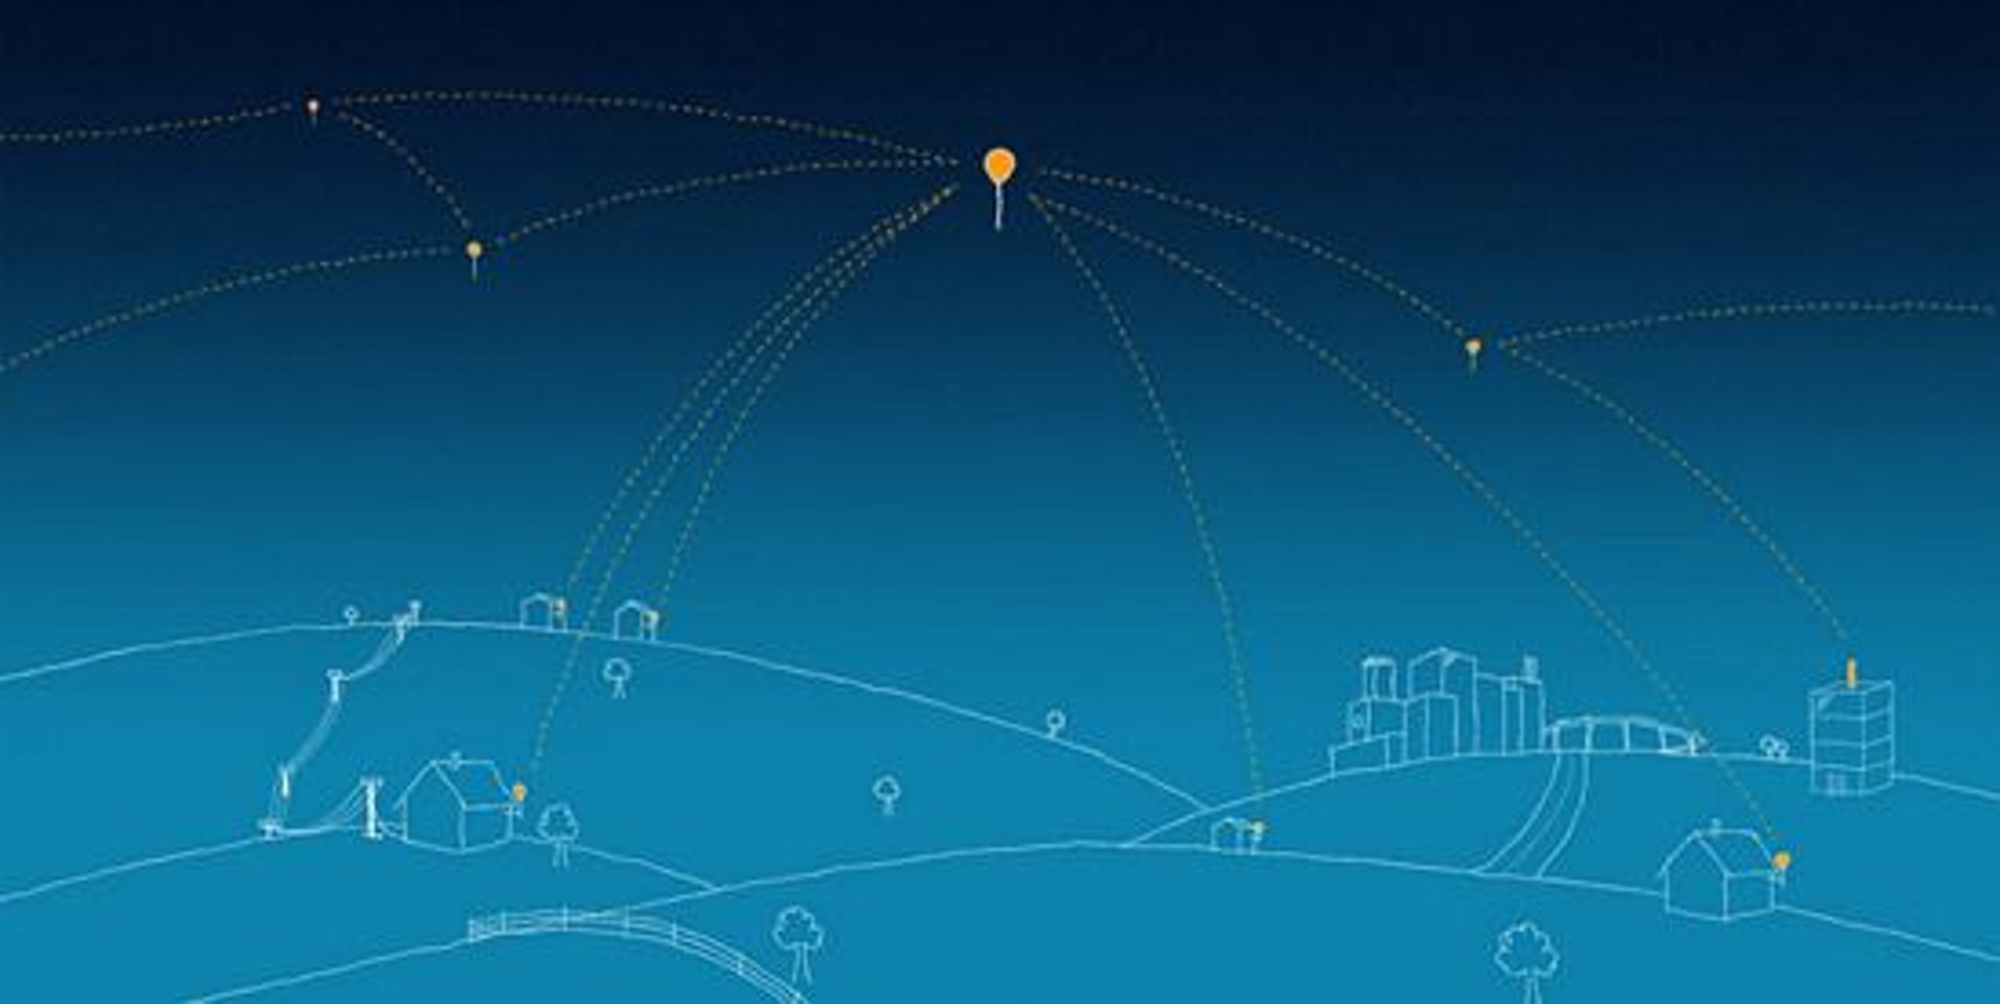 Ballonger, brukere og internettilbyder står i et radionettverk med dedikerte frekvenser. Antennene må være utvendige. Fra tilbyderantennen på høyhuset til høyre sendes også styringssignaler til hver ballong.